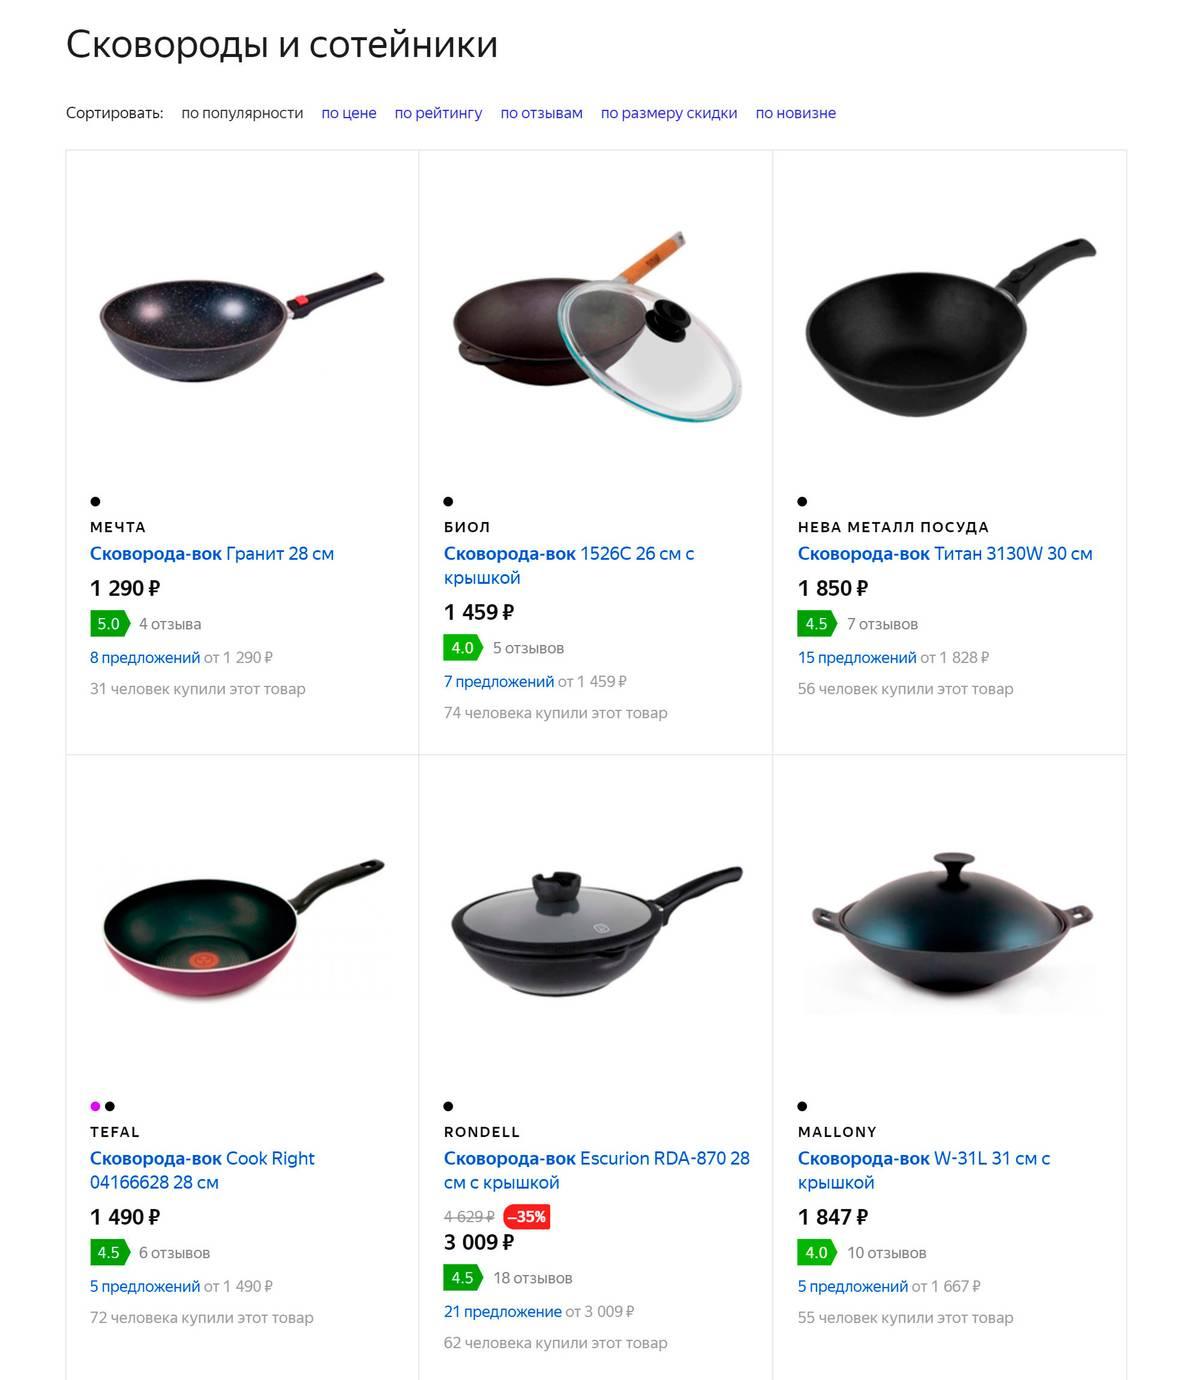 На «Яндекс-маркете» цены на сковороды вок начинаются от 1084<span class=ruble>Р</span>. Я бы отсюда не взяла только гранитный